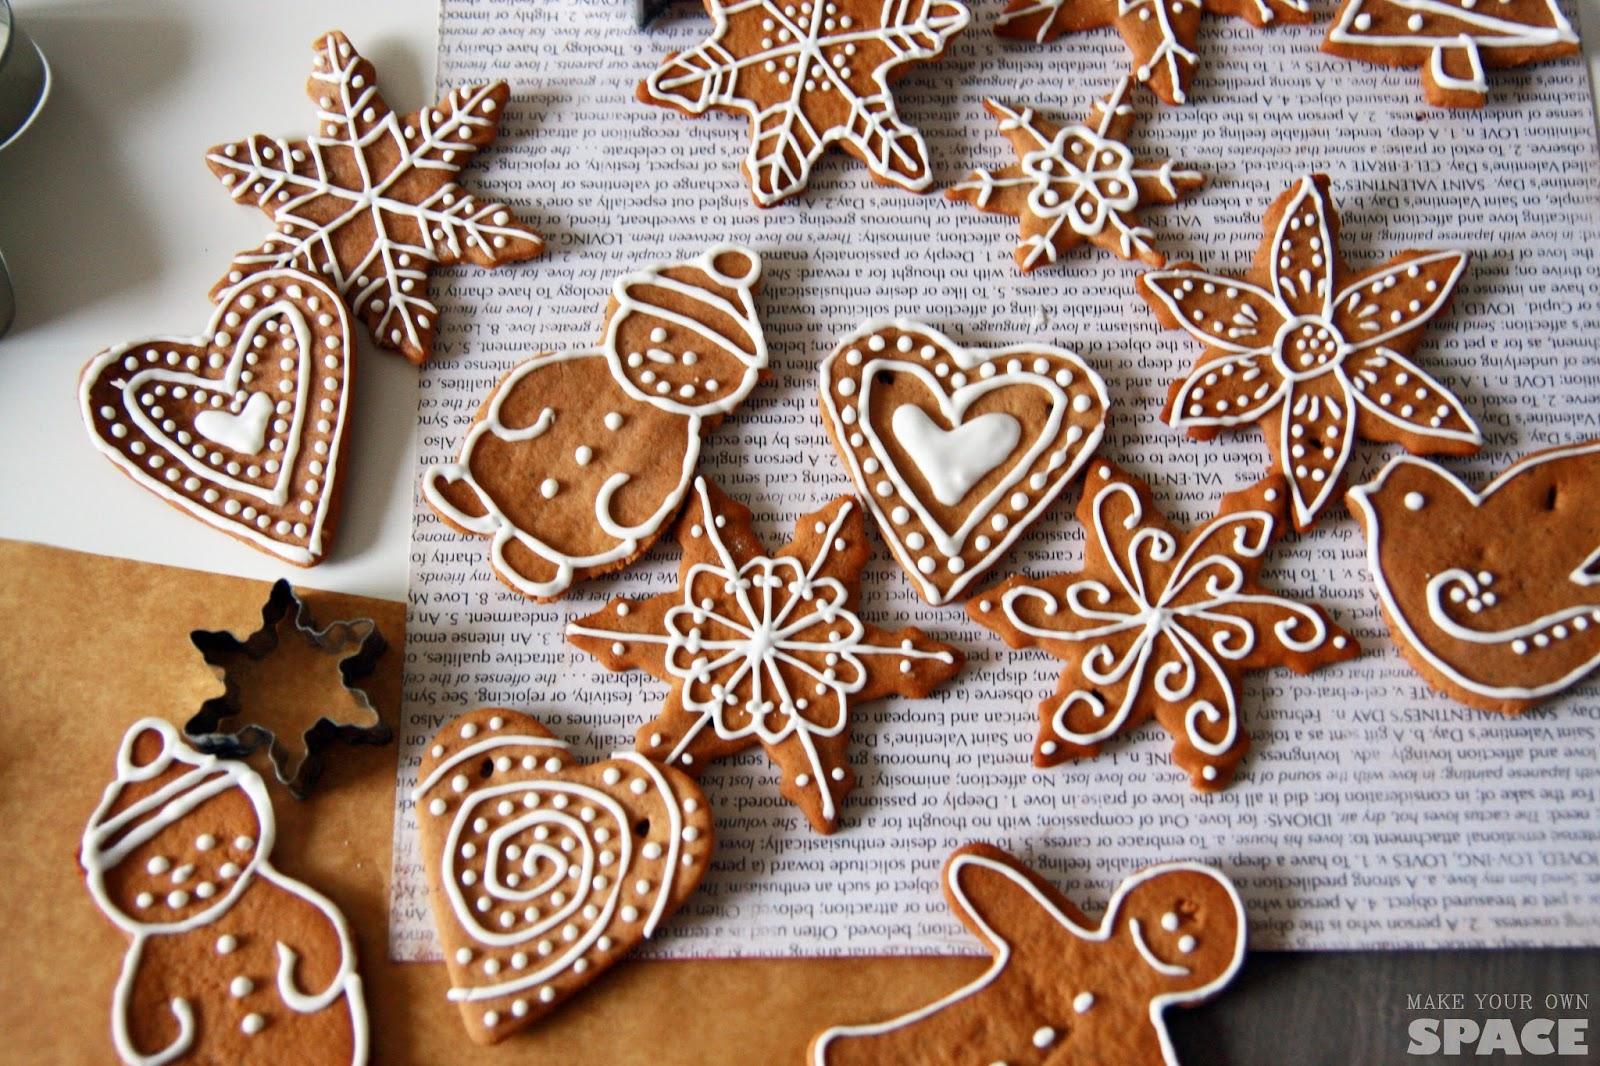 Pierniczki, lukier, dekoracje świąteczne, pierniczki lukrowane, choinka, gwiazdki, serca z piernika, lukier królewski, dekorowane pierniczki, ozdoby choinkowe, Diy, Ozdoby diy, Wigilia